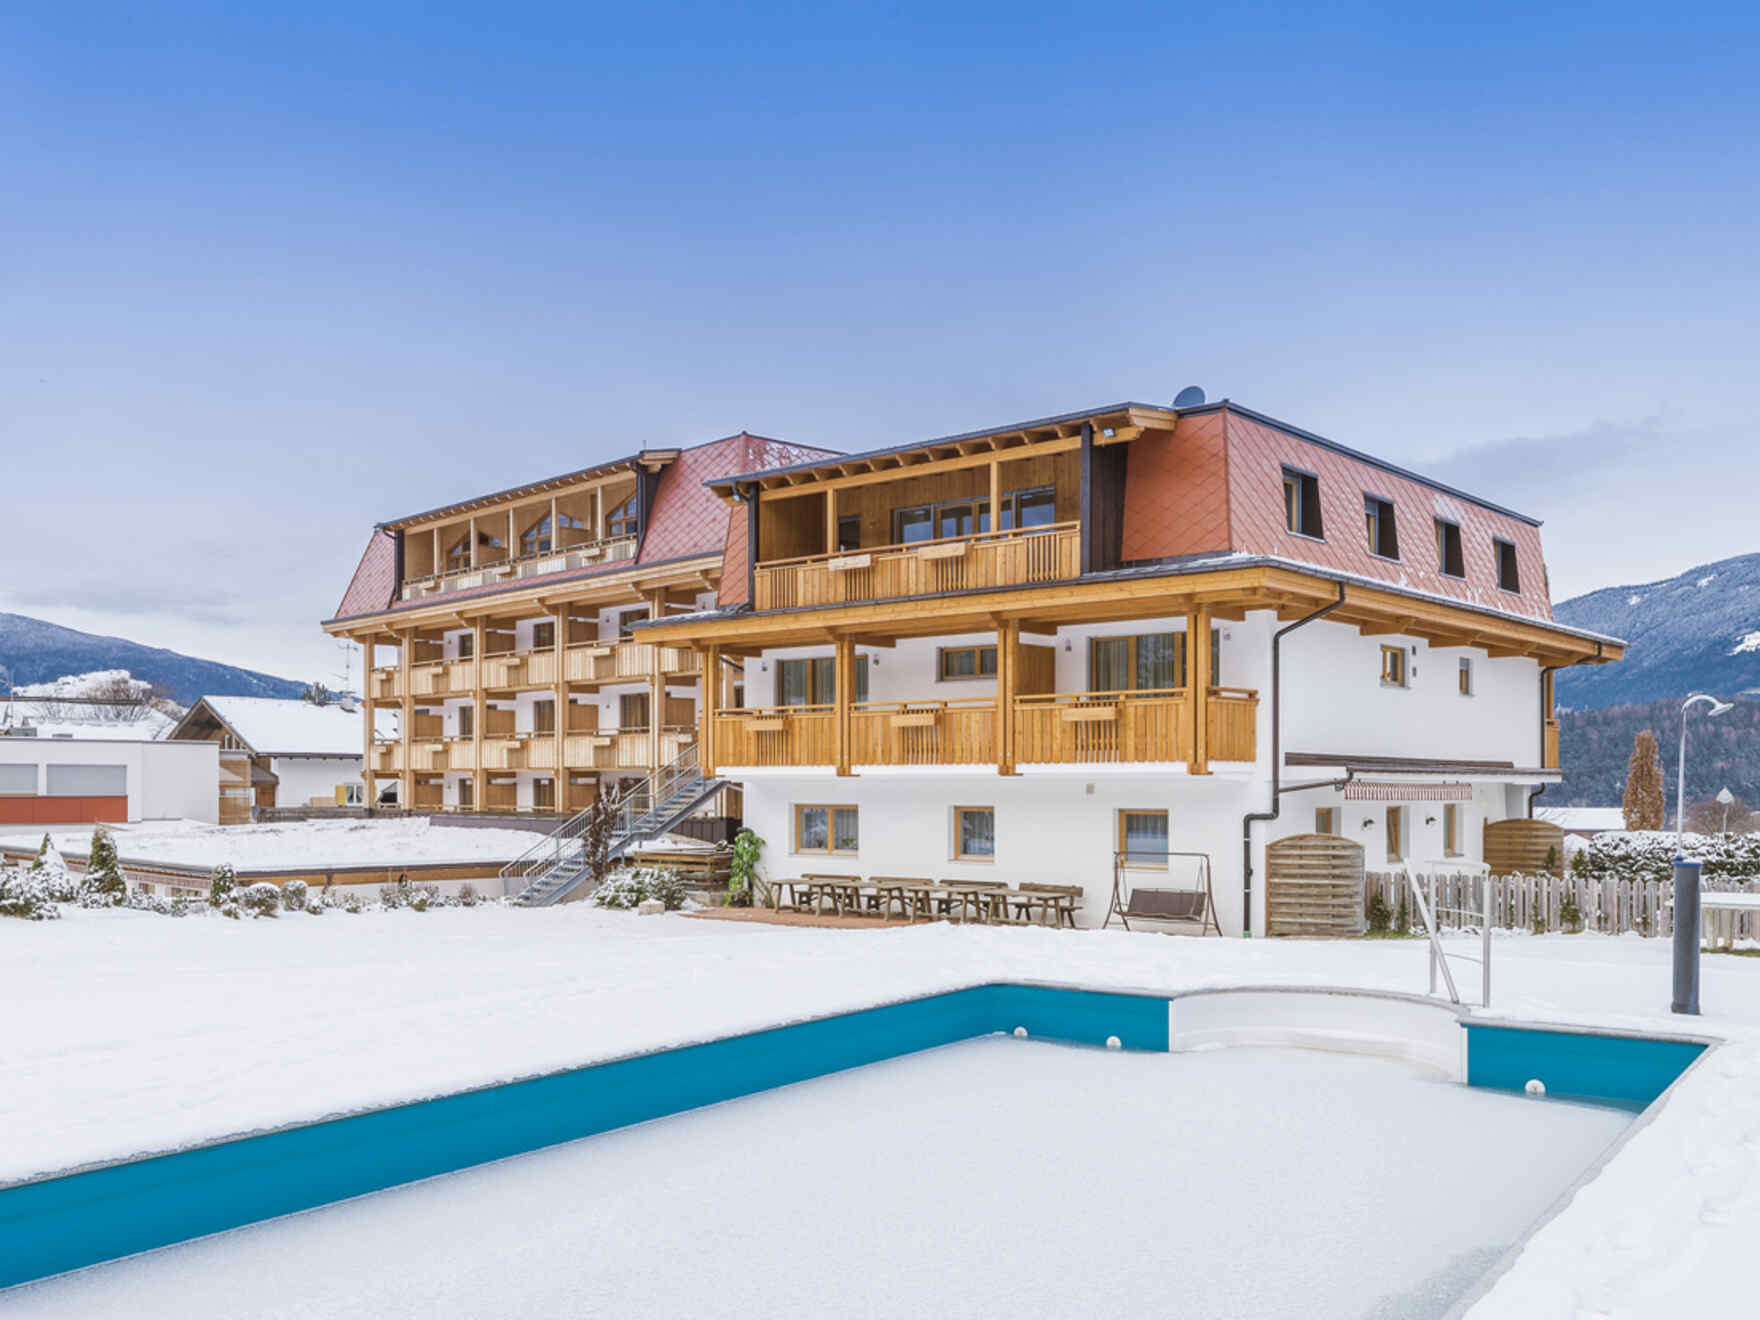 Fertighaus Hotel Reischach KG